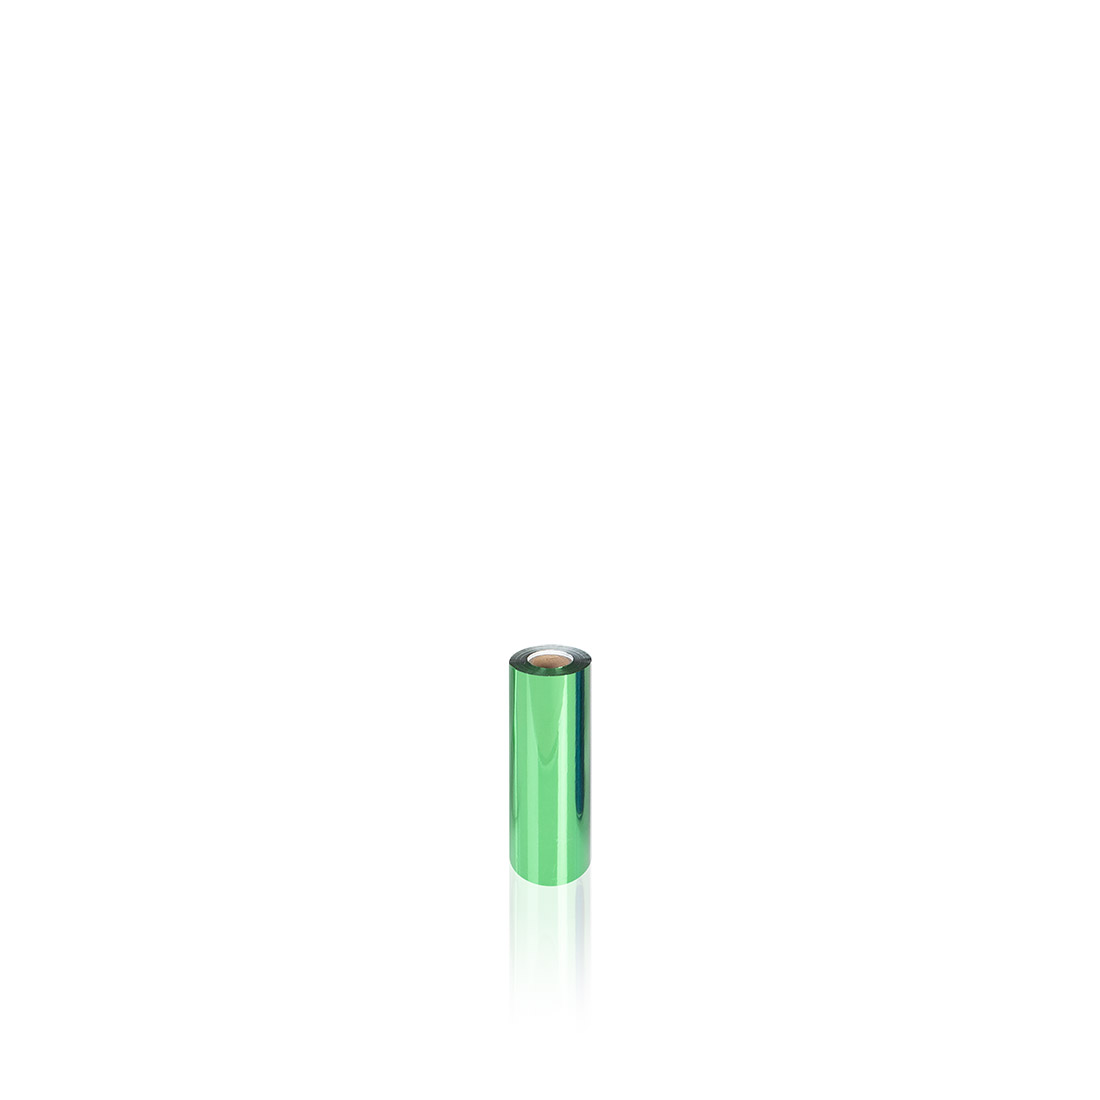 Uniwersalna folia do złoceń, nabłyszczeń w rolce - O.FOIL NEW UNIVERSAL - 16 cm x 120 m - zielony